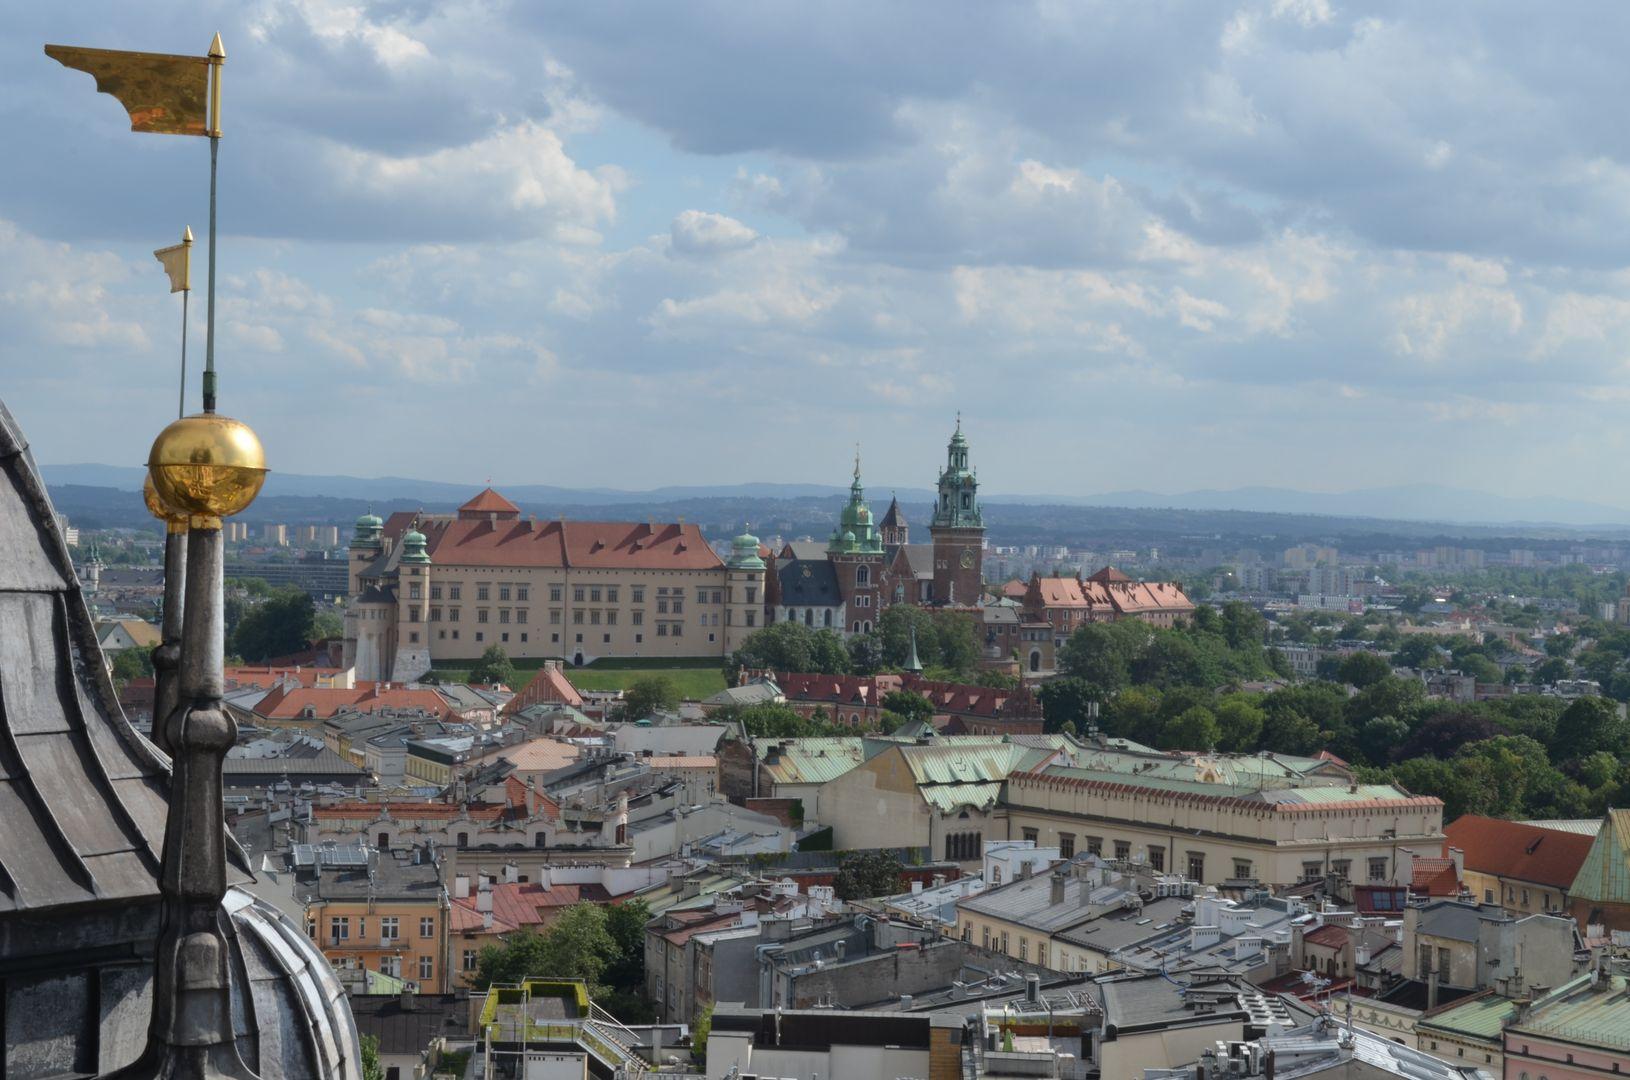 Blick von der Marienkirche auf den Hügel Wawel mit dem Königsschloss